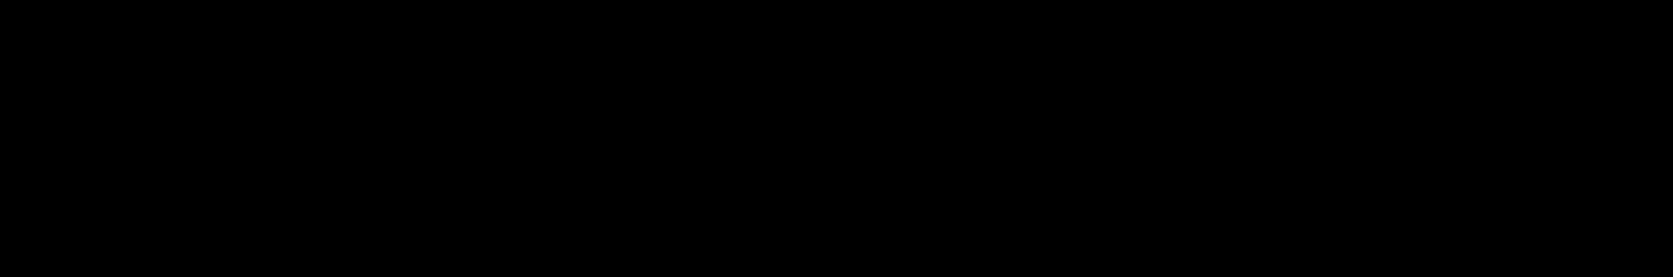 Galerie kreo